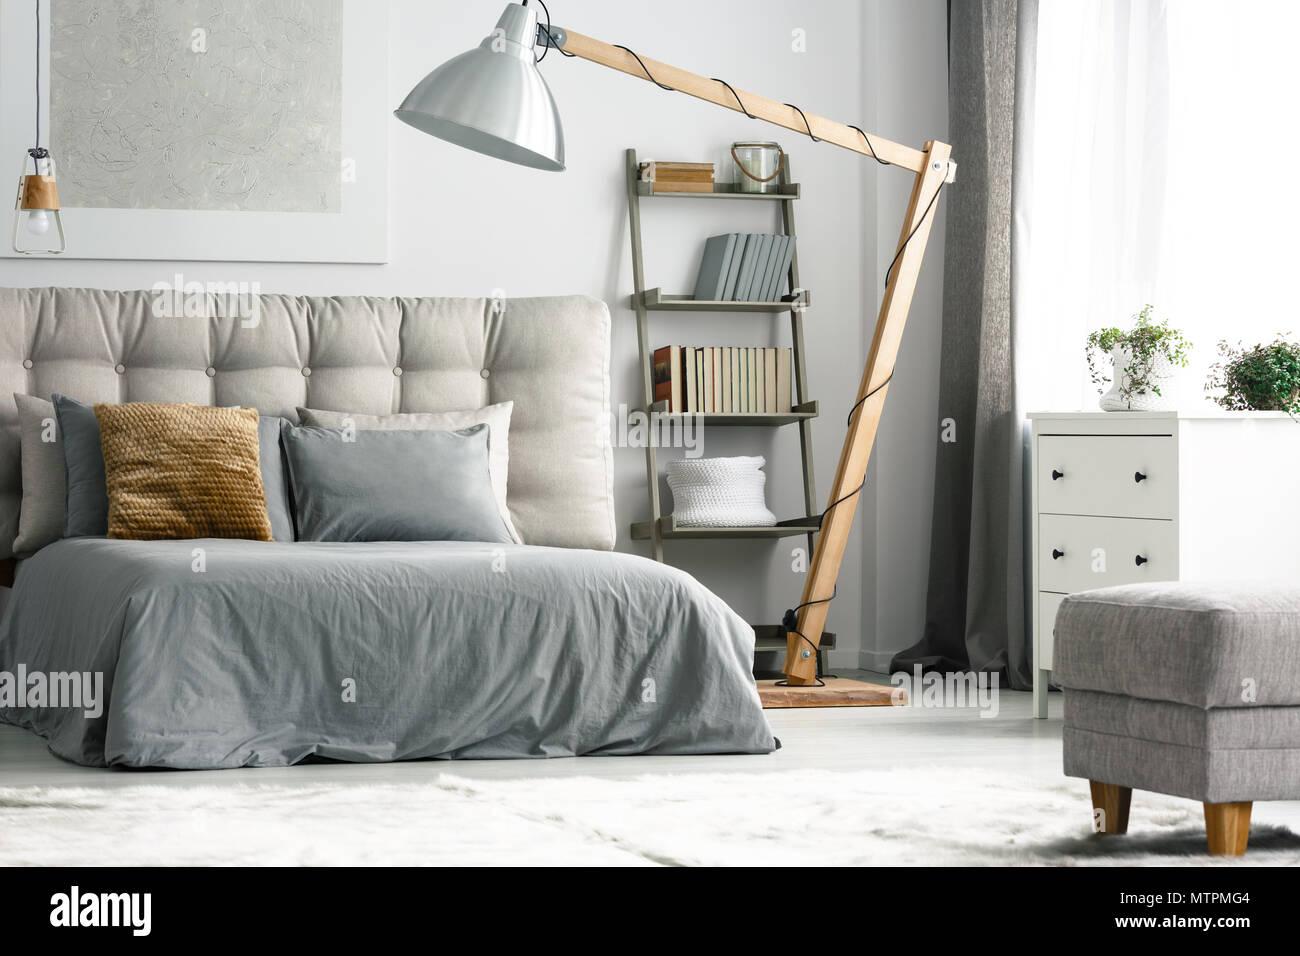 Decor in legno in accogliente camera da letto grigio con ...